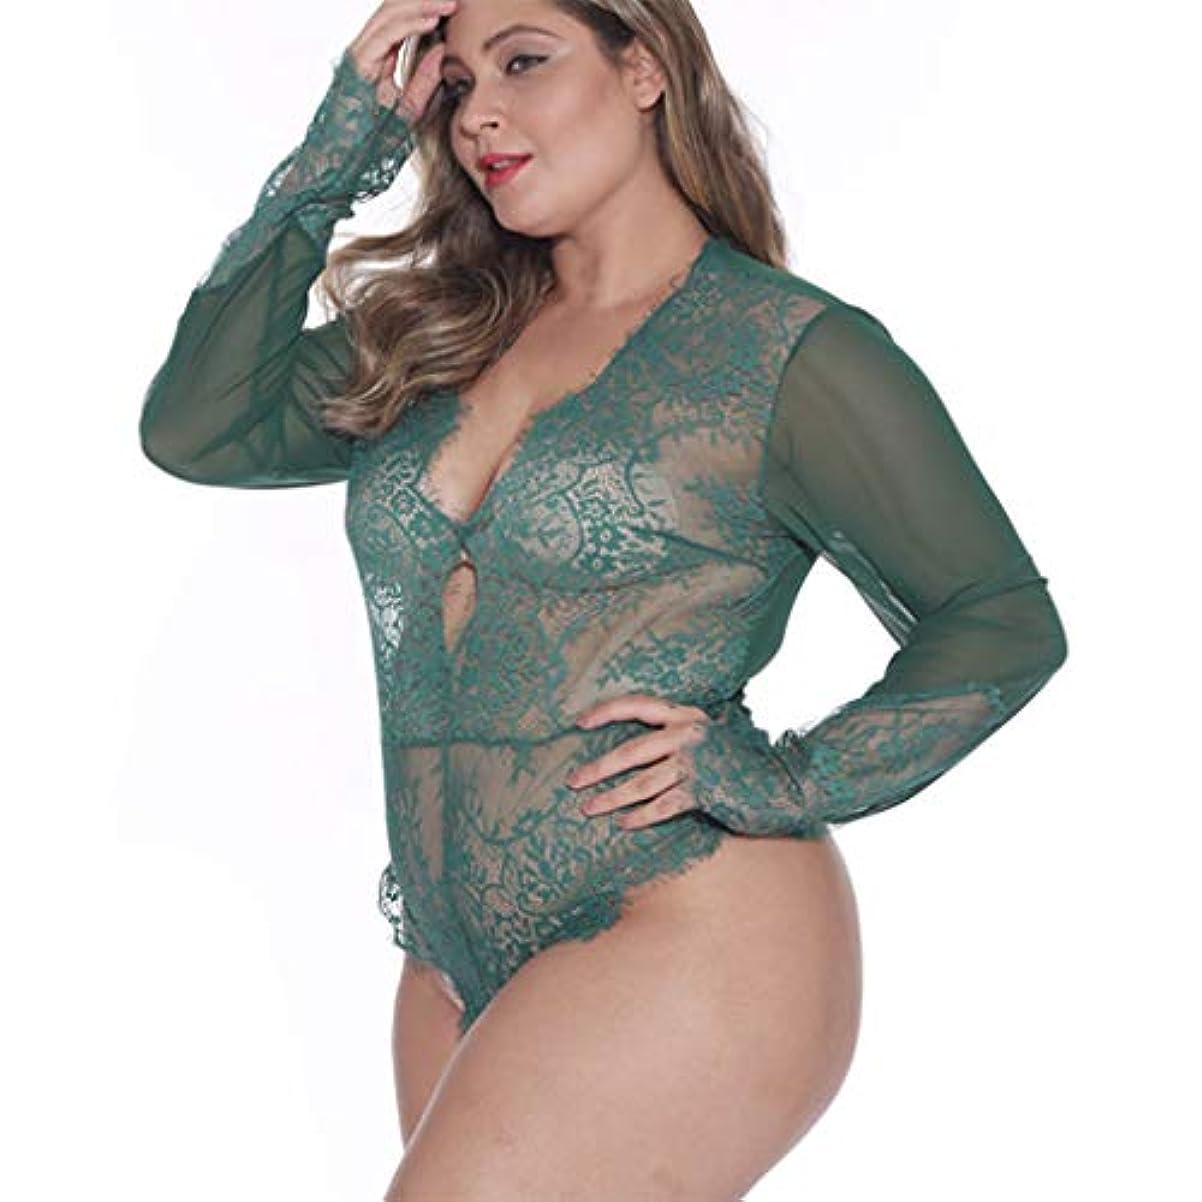 枝メタンゴシップ下着を形作るセクシーな楽しい体かわいい 過激 透け キャミソール 情趣 女性 エロ下着 アンダーウェア ビキニ 全身 レース 軽量シースルー スリム 福袋